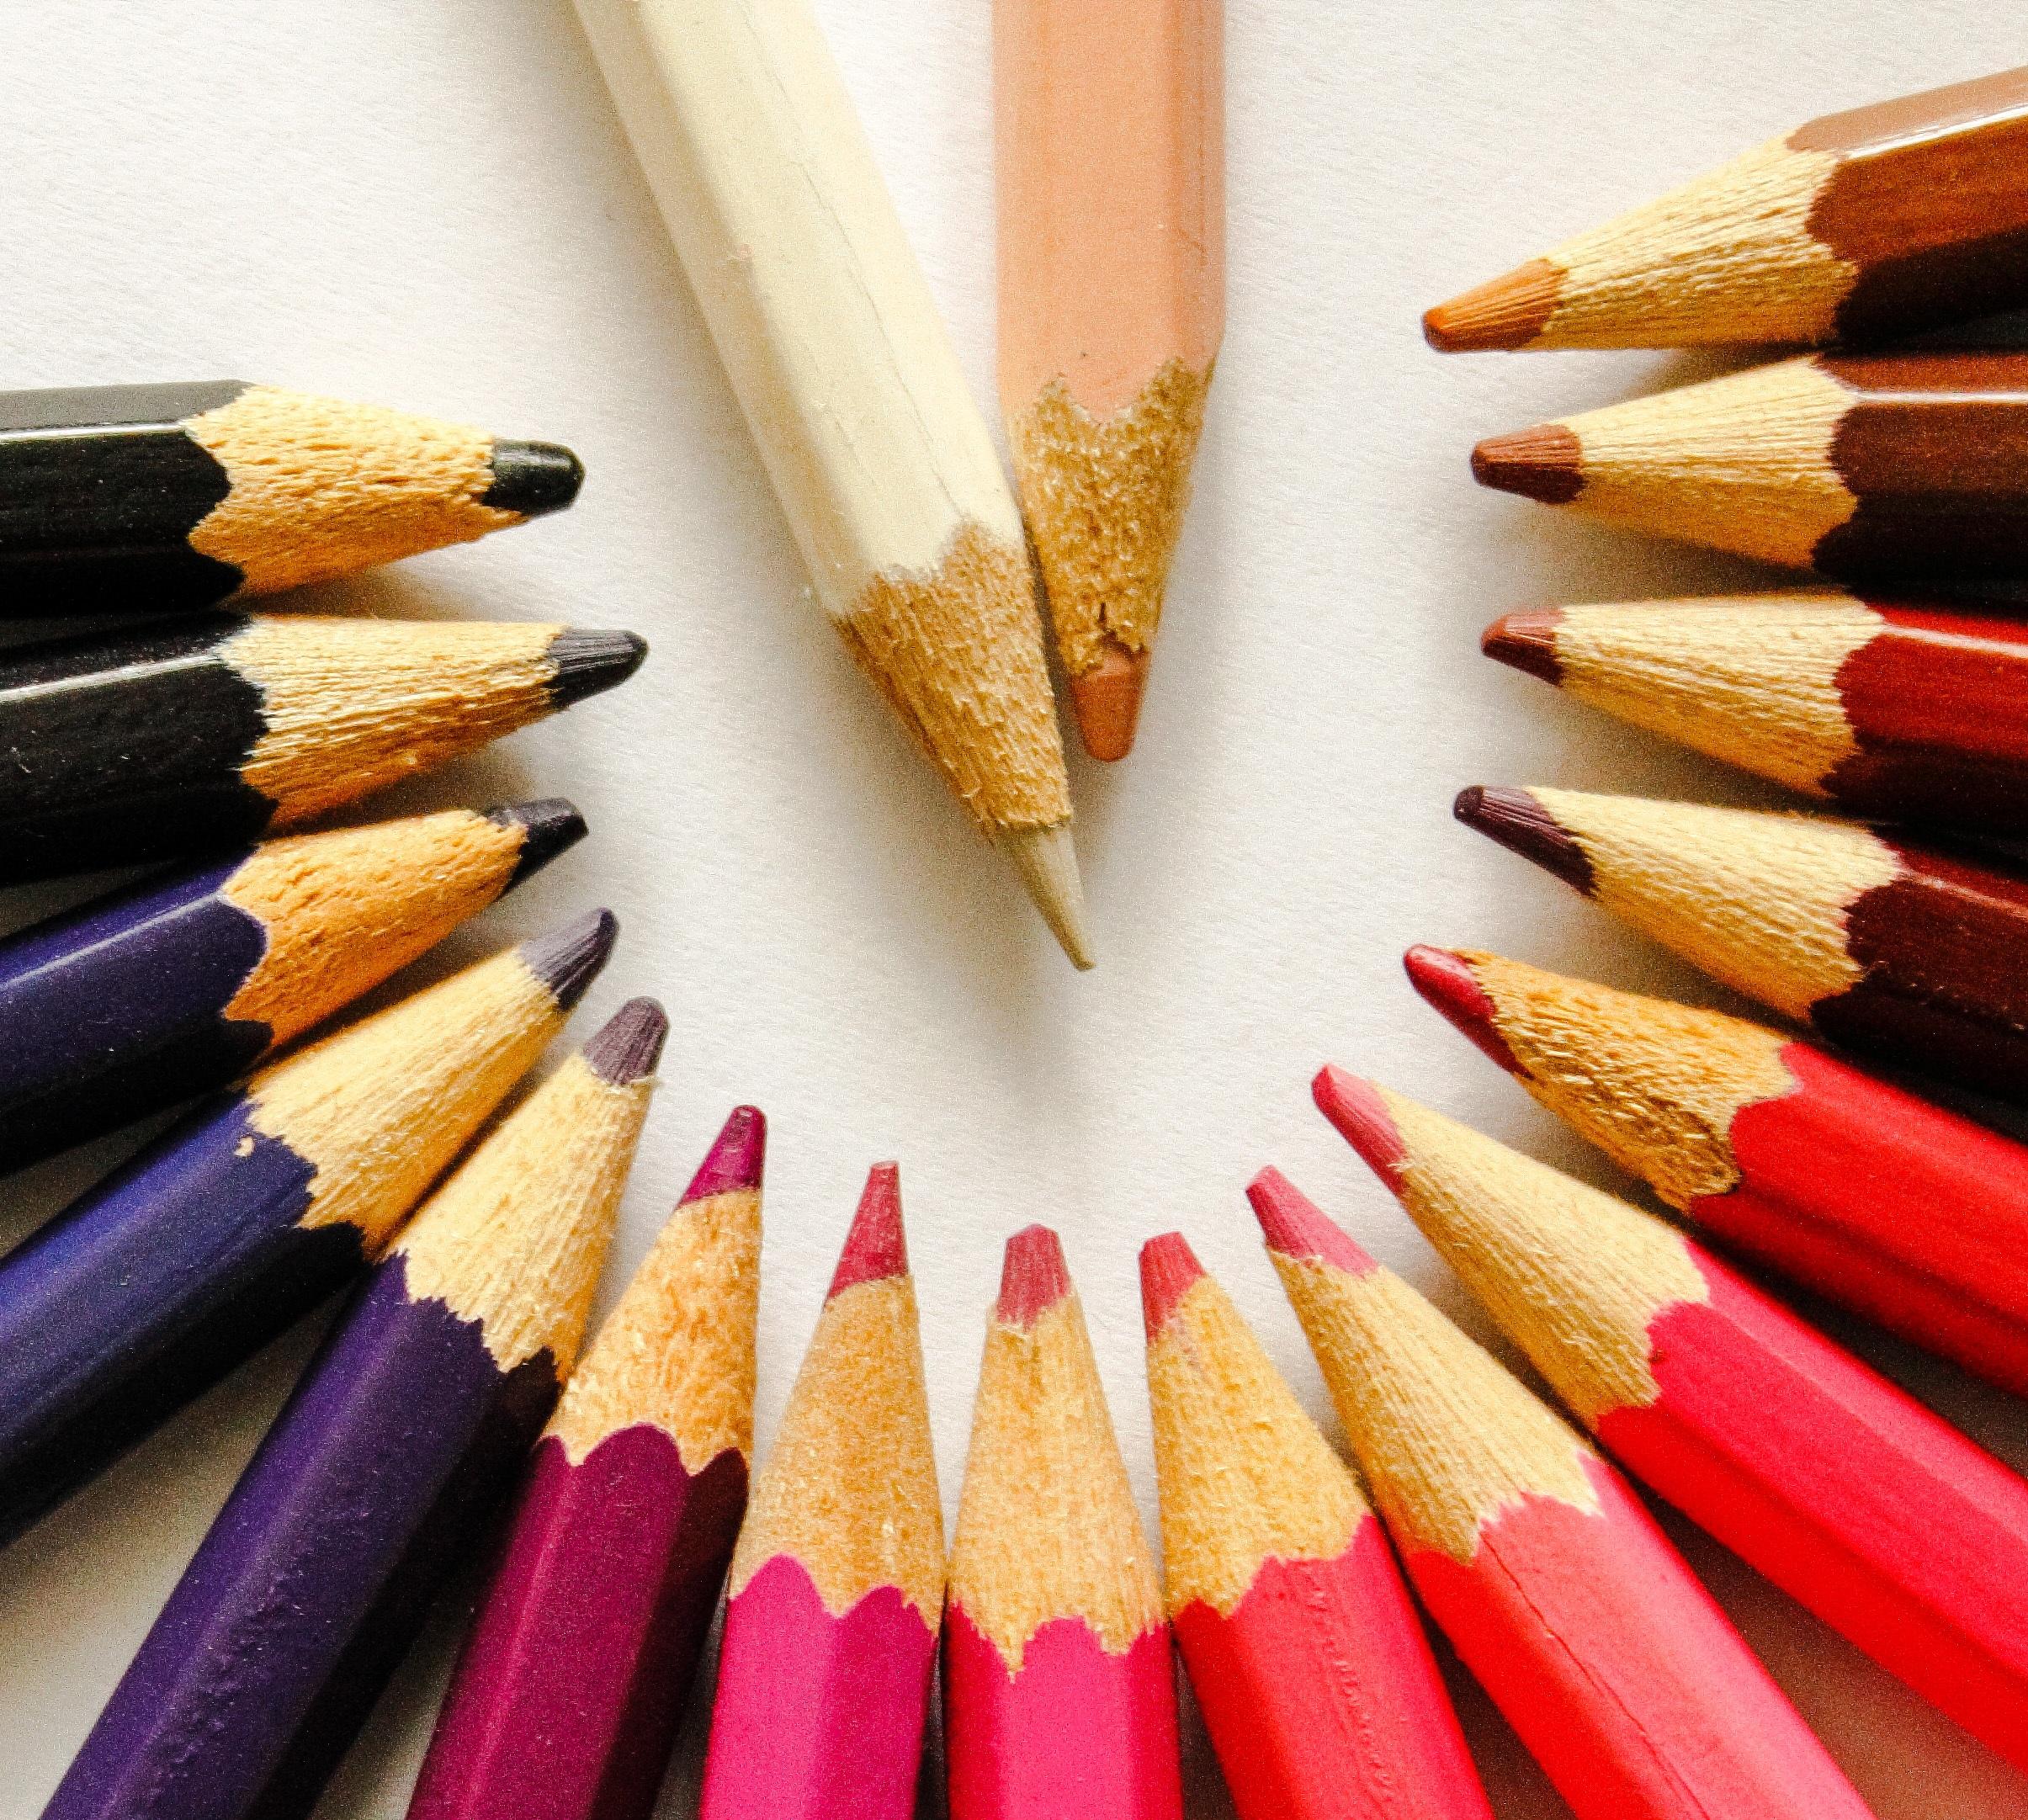 Fotos gratis : blanco, rojo, marrón, azul, negro, vistoso, rosado ...